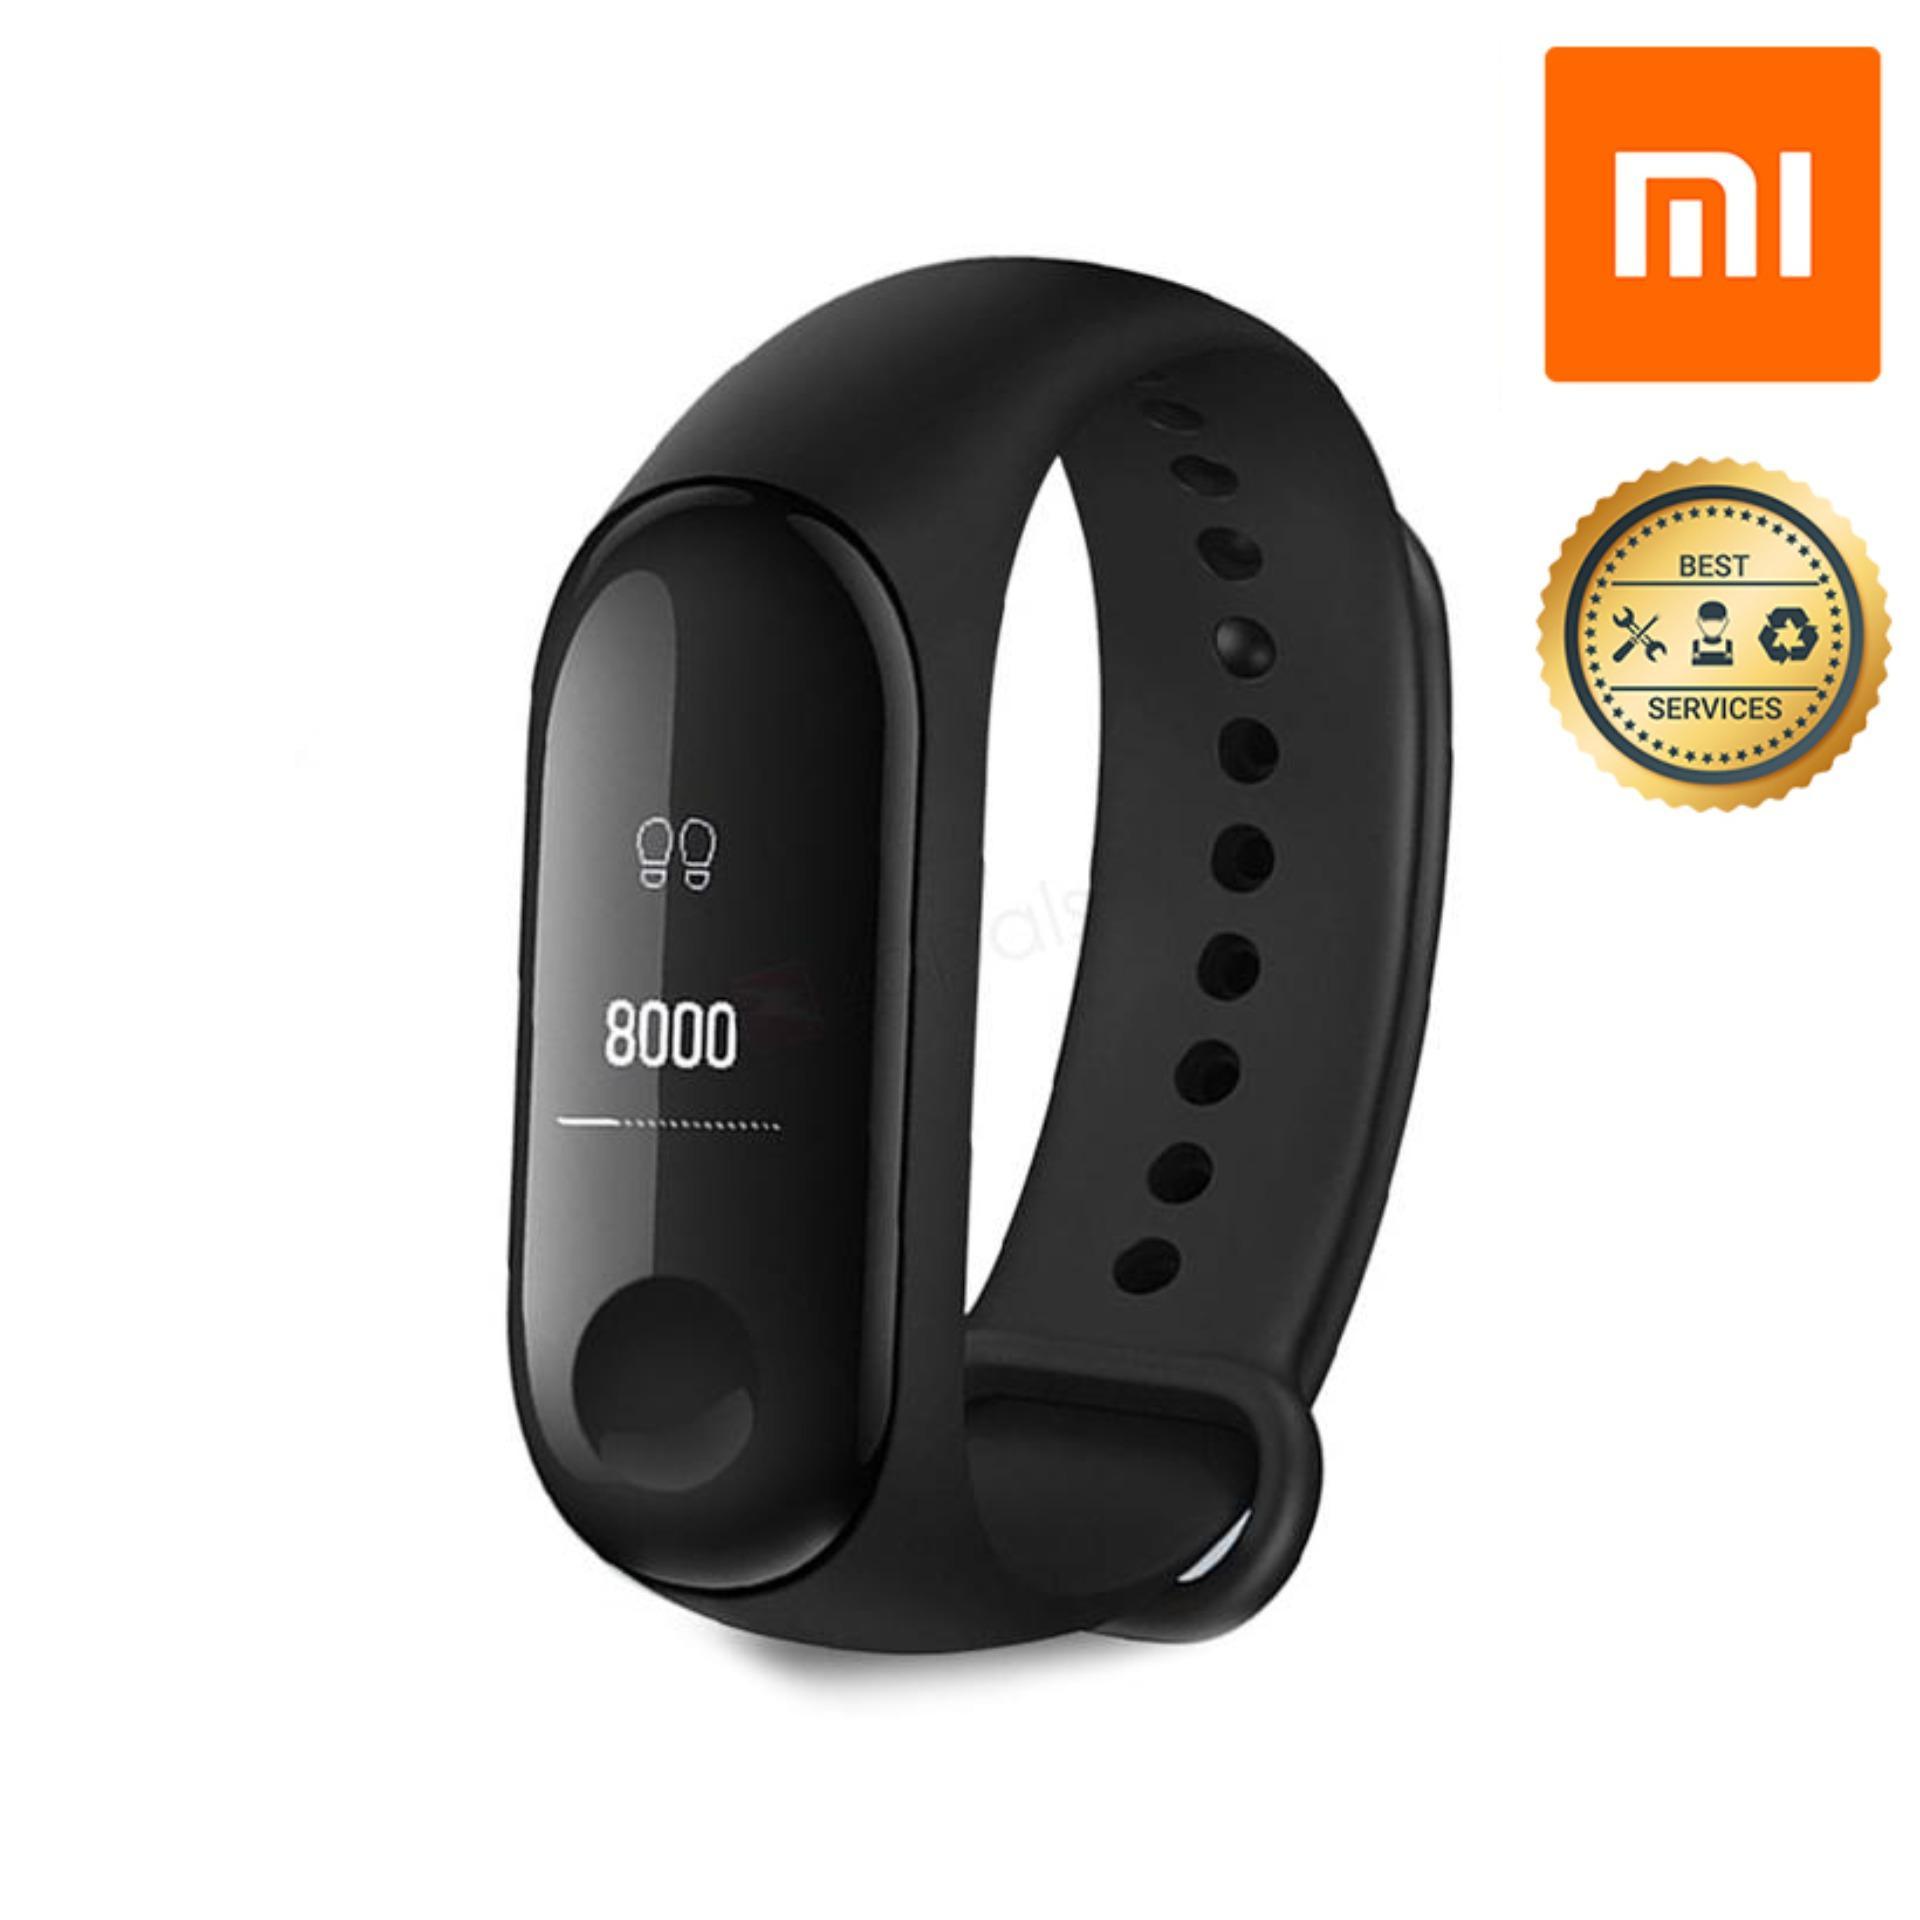 Vòng đeo tay thông minh Xiaomi Mi Band 3 Vòng Đeo Tay Thông Minh Theo Dõi Vận Động Xiaomi Mi Band 3 - Hàng Chính Hãng